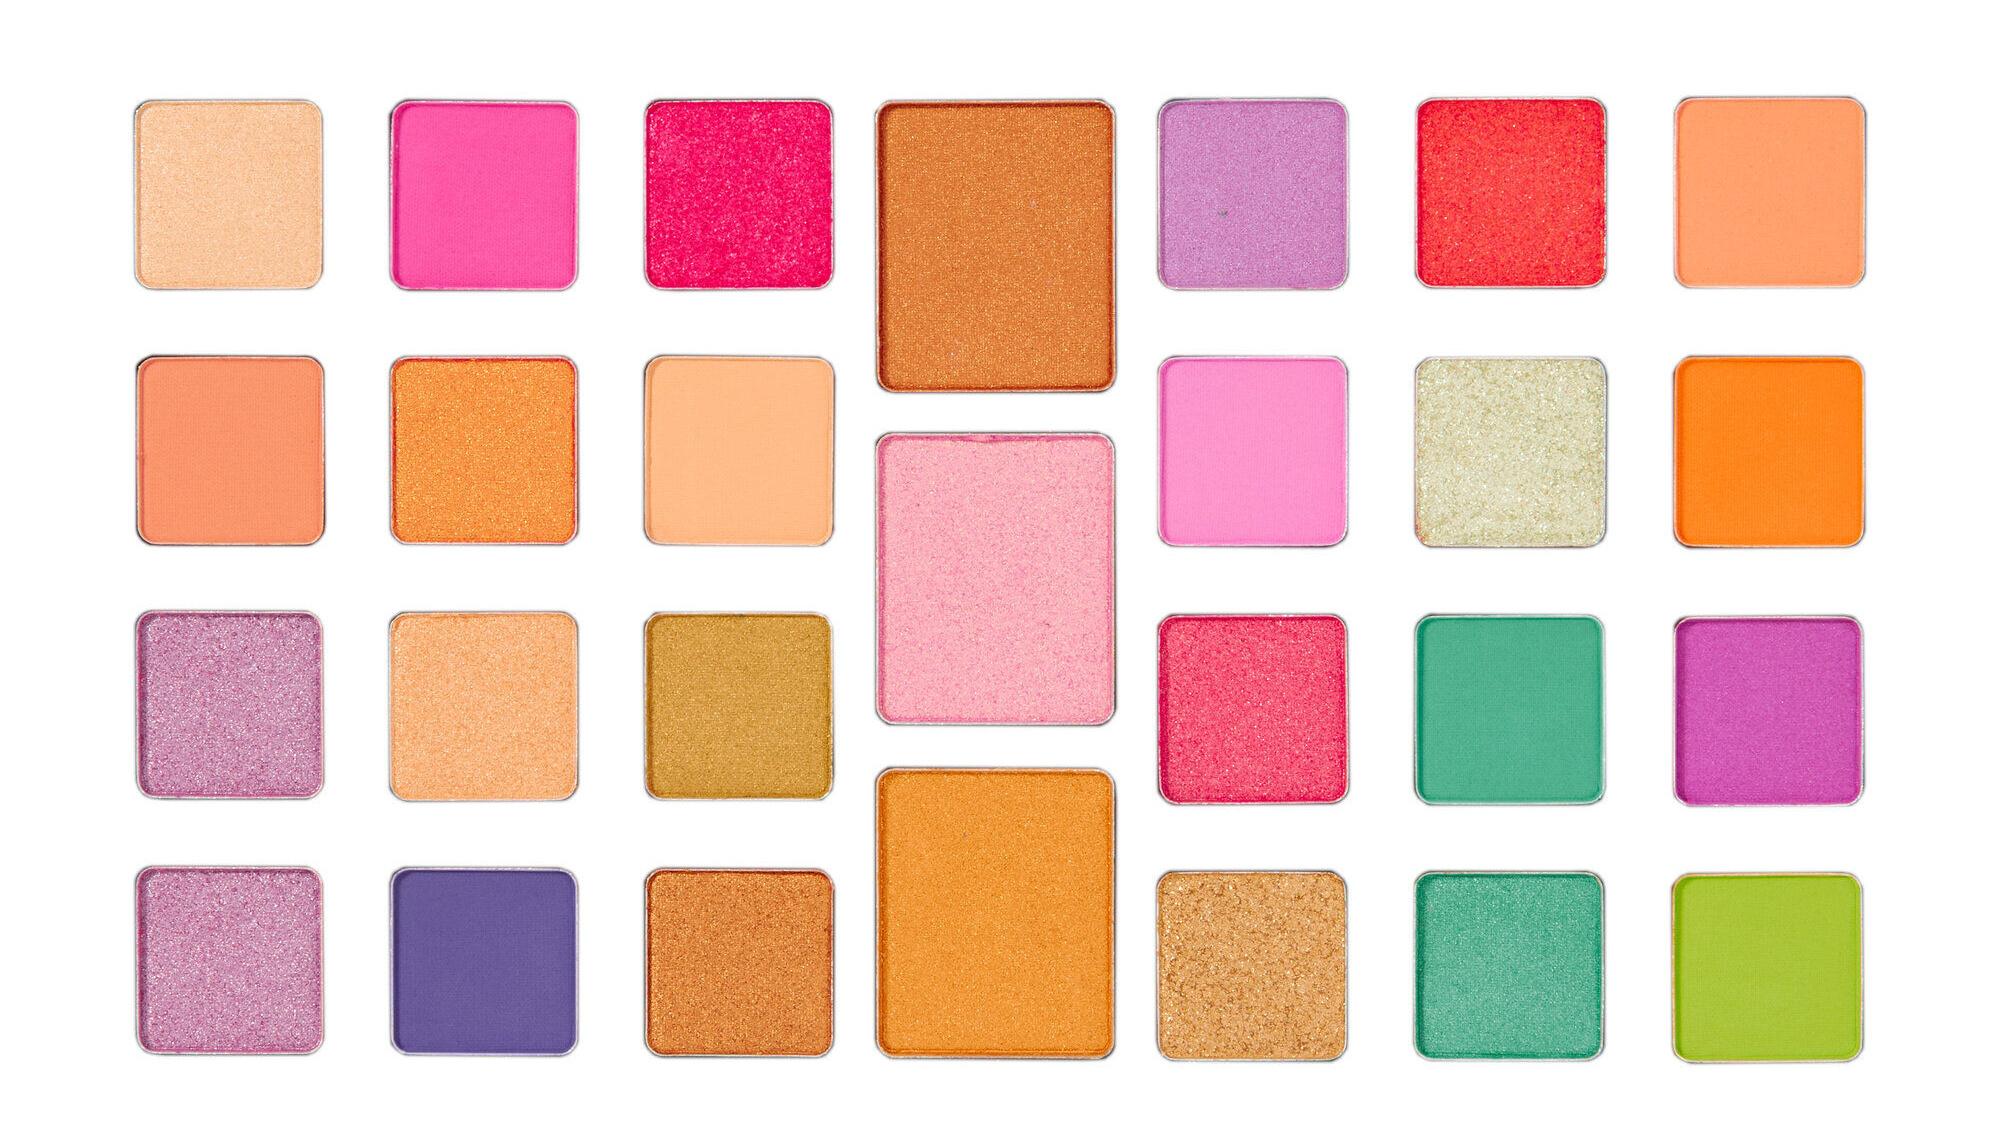 Revolution Neon Heat Limitless Eyeshadow Palette